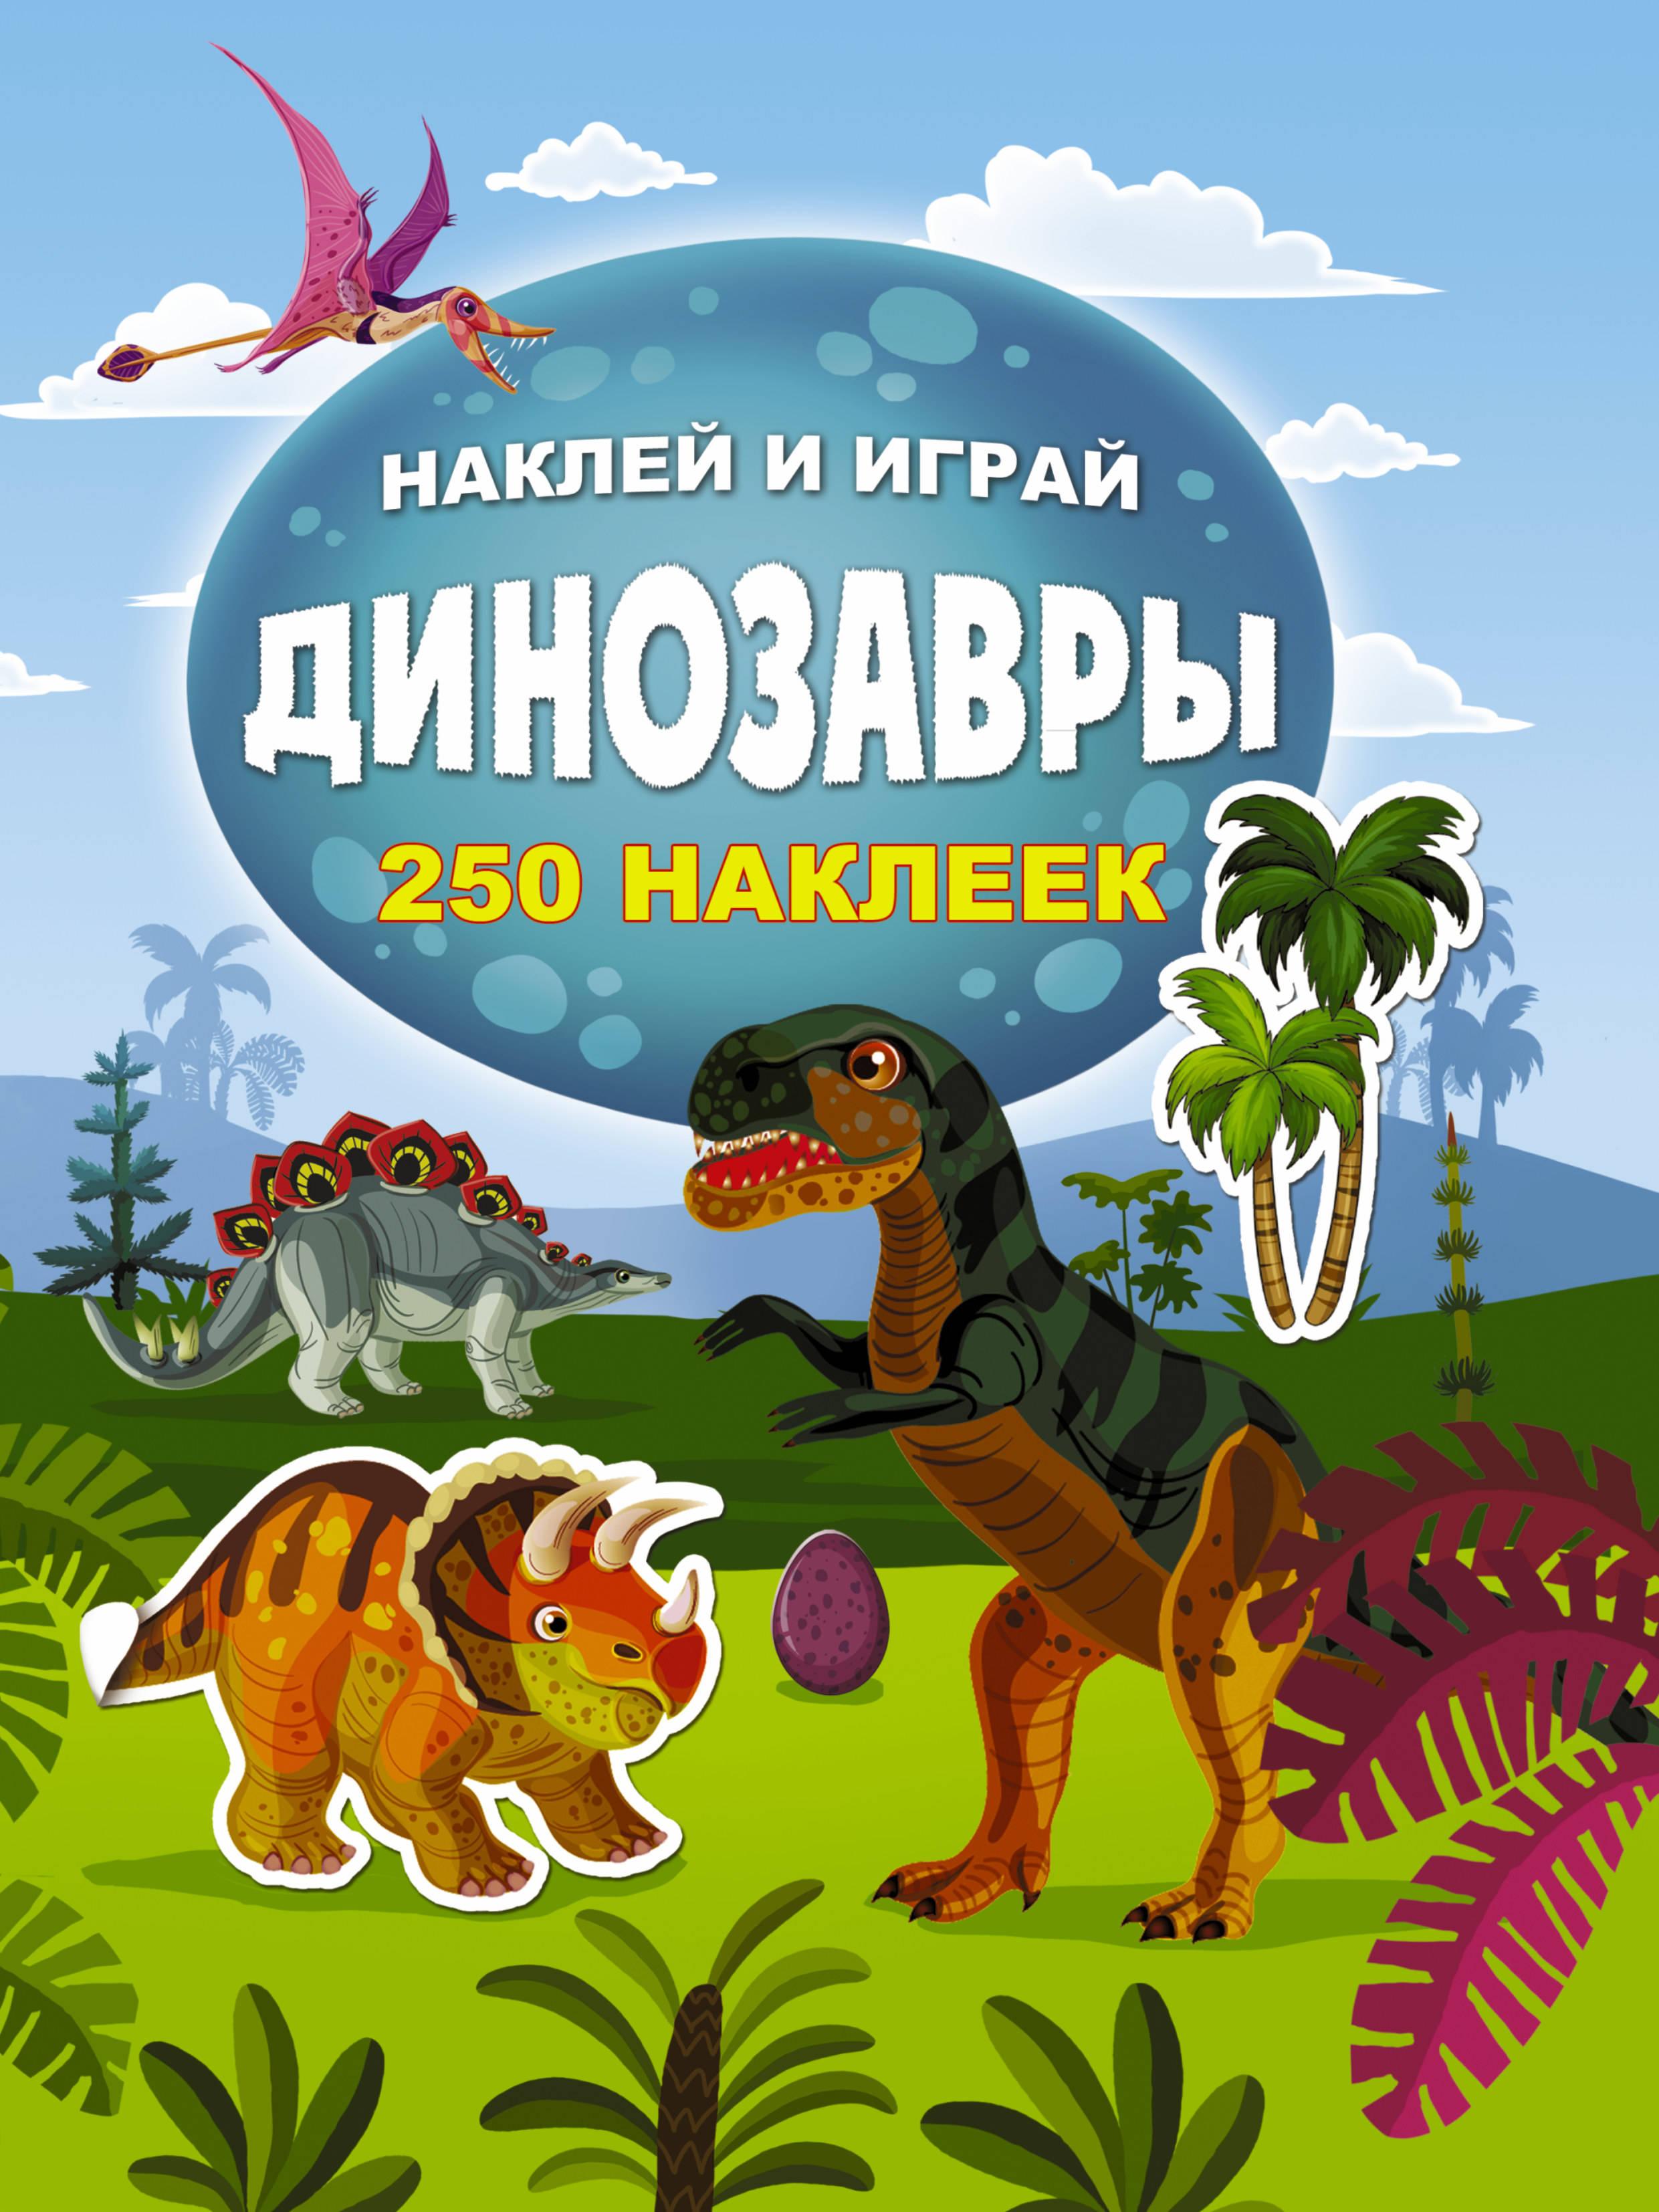 Дмитриева Валентина Геннадьевна Динозавры мебель своими руками cd с видеокурсом